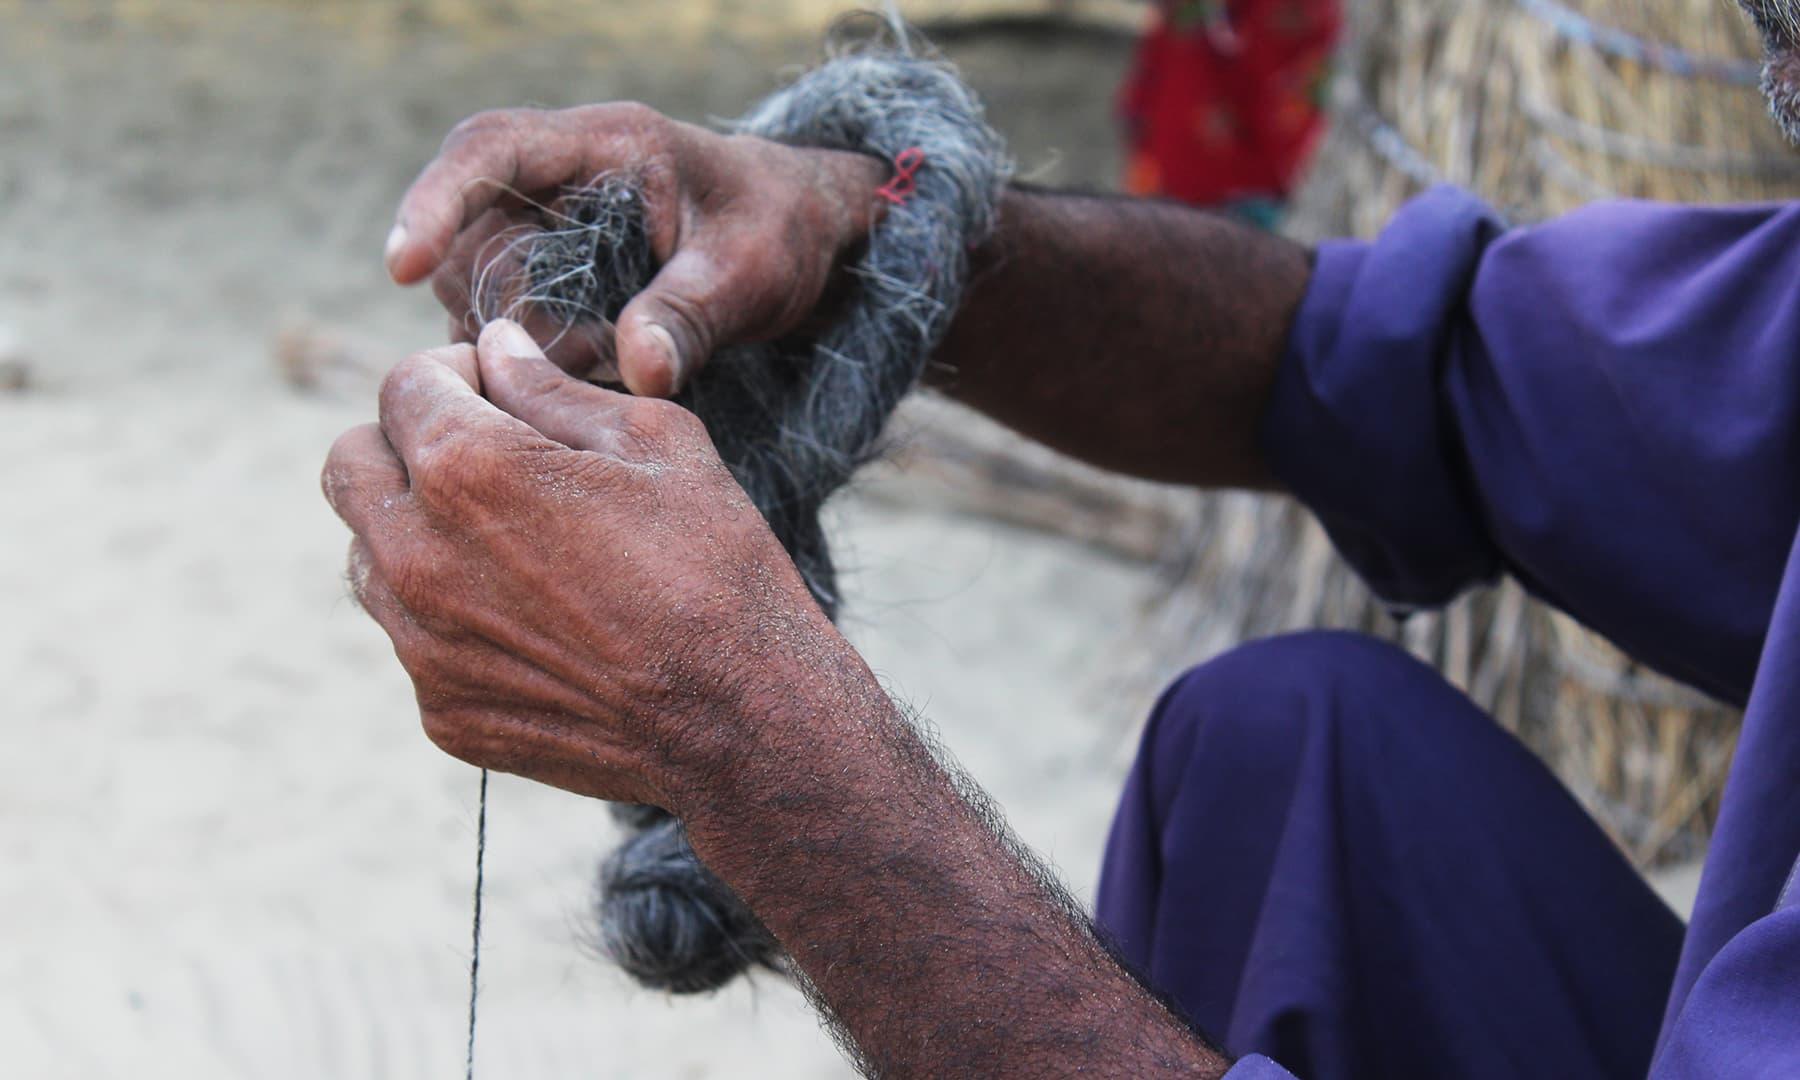 فراسی اور کھیس کے دھاگوں کو گھر پر ہی تیار کیا جاتا ہے—تصویر اختر حفیظ